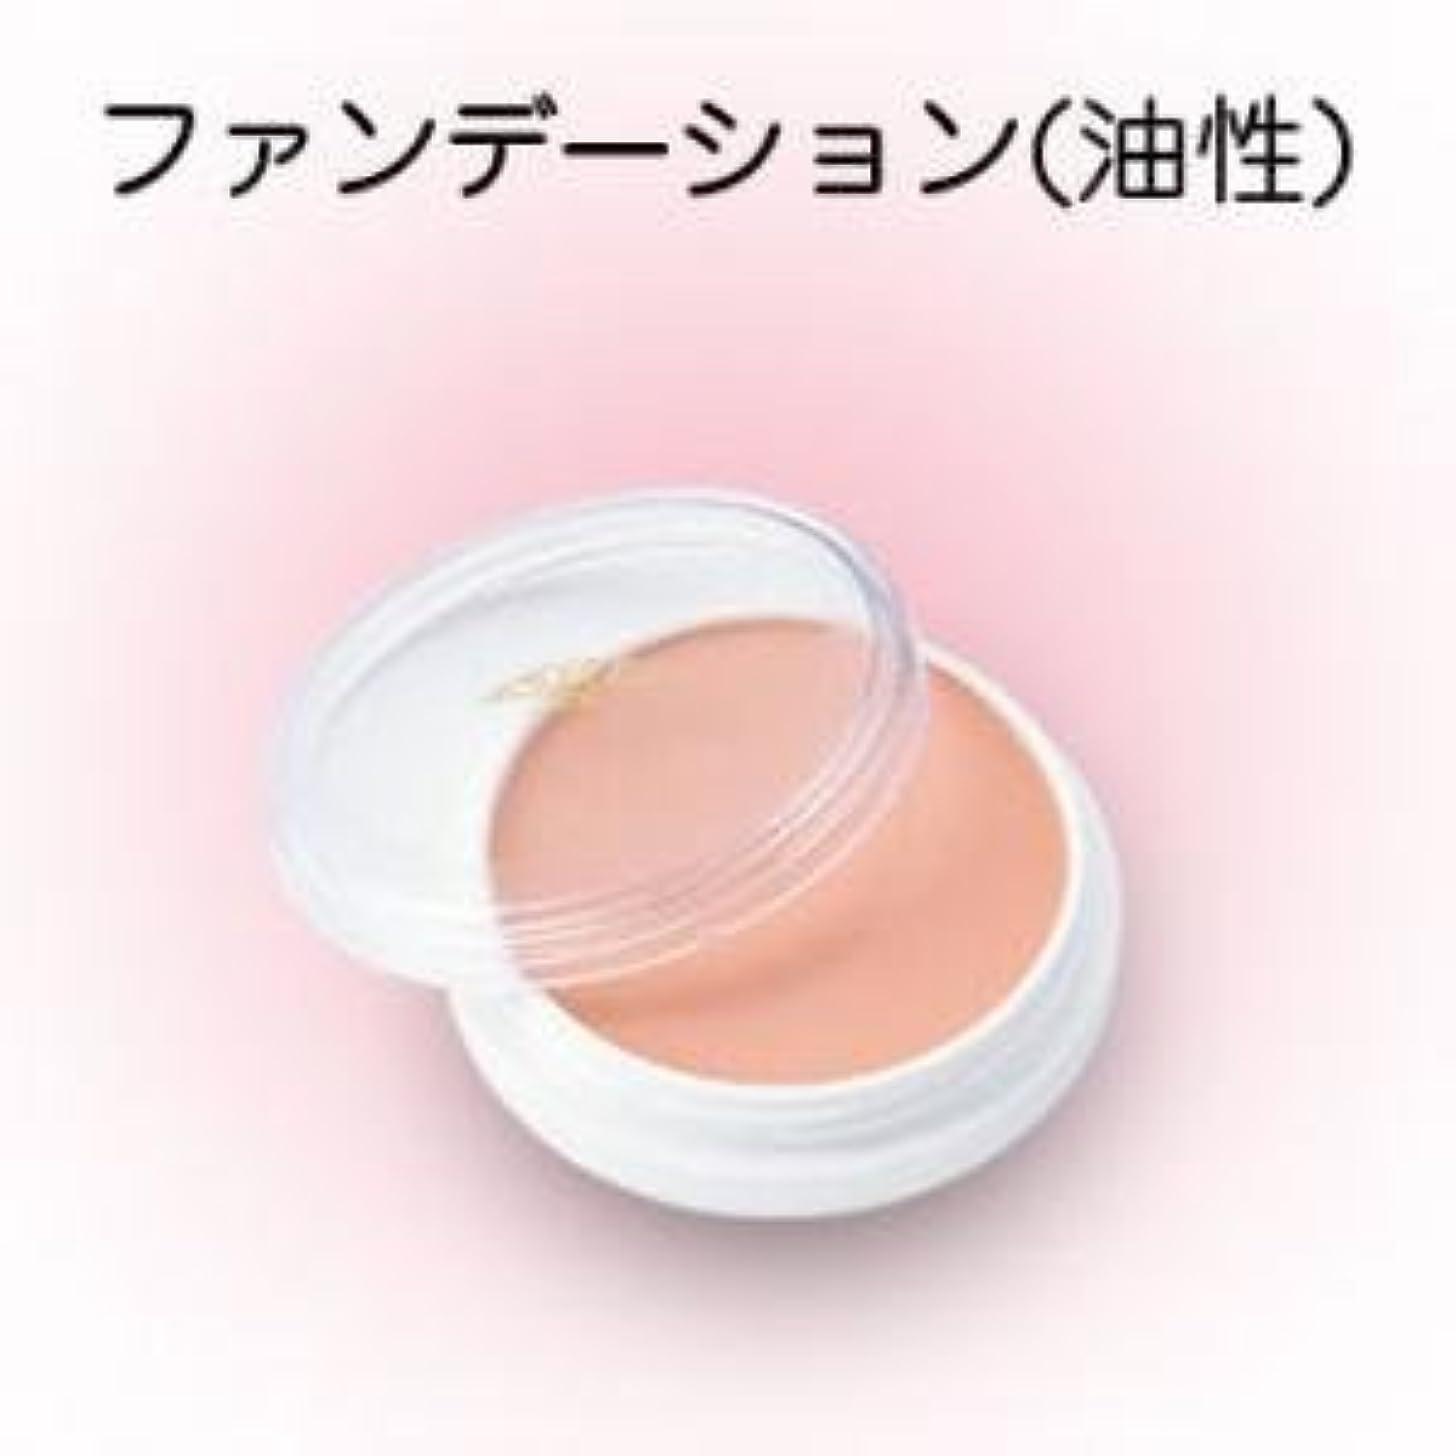 フルート進化するタクト舞台用化粧品 三善 グリースペイント メデュウム 8g ドーラン